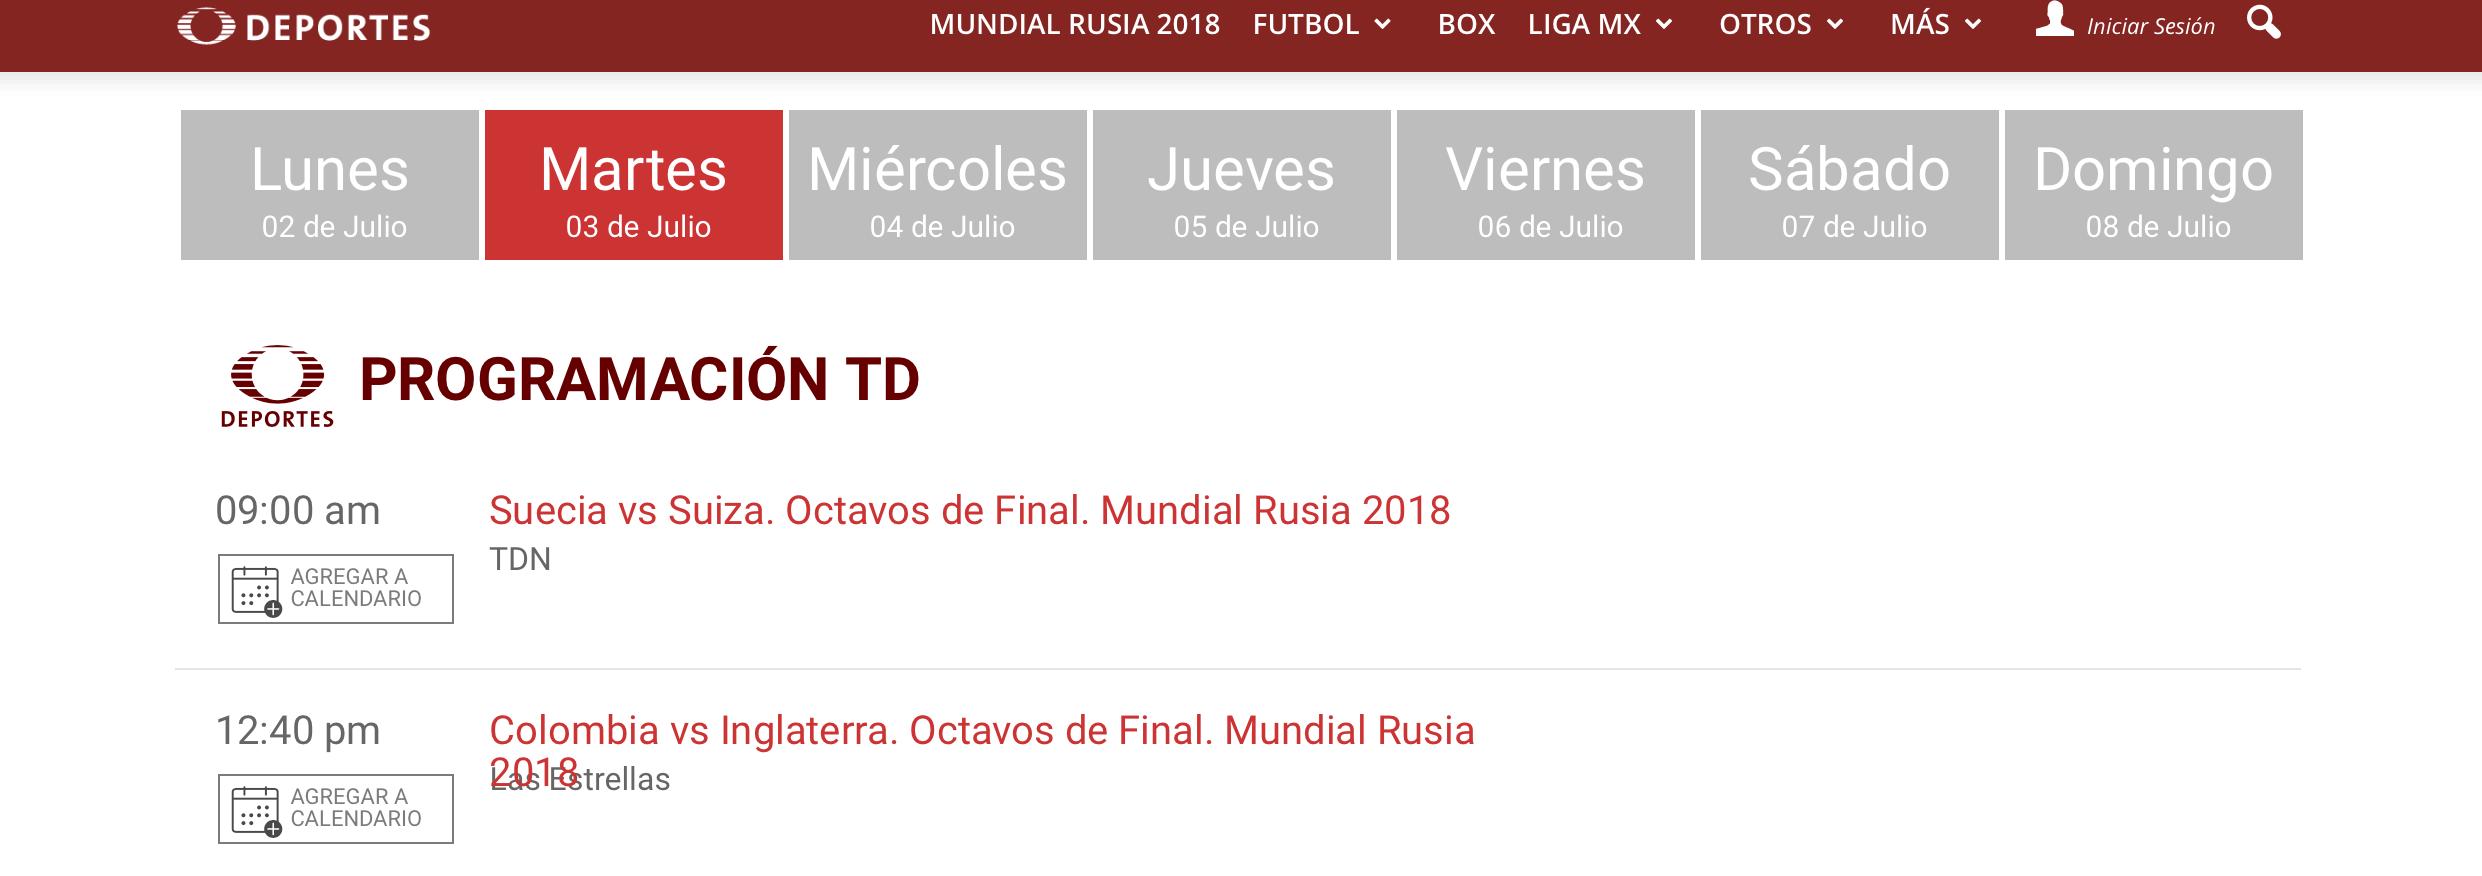 Horarios, fechas y canales para ver los Octavos de Final de Rusia 2018